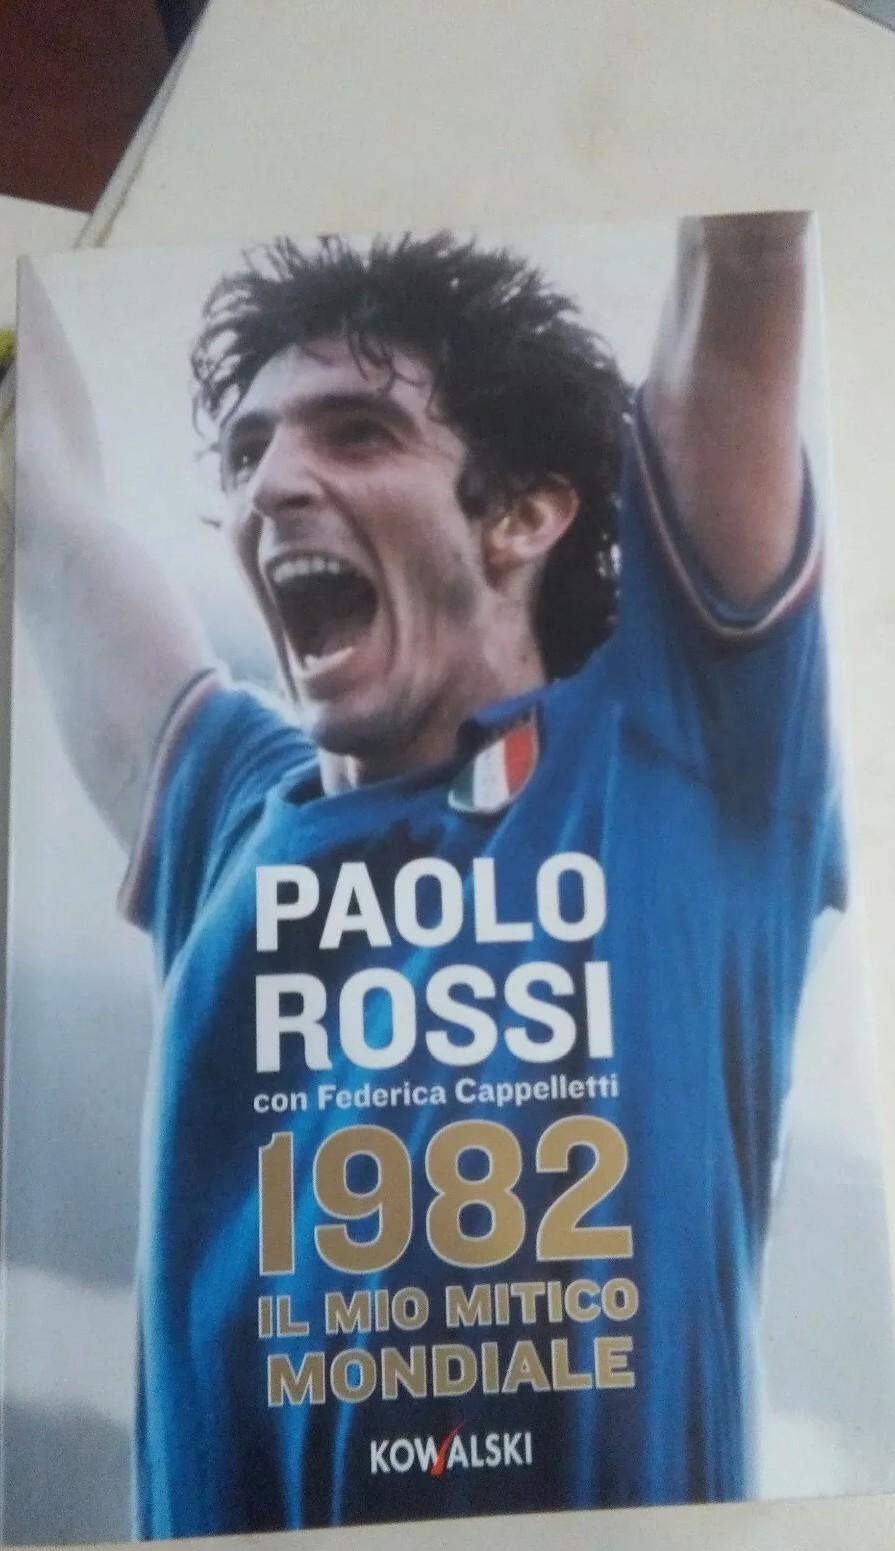 È MORTO PAOLO ROSSI! Paolo Rossi 1982 il mio mitico mondiale Autografato da Paolo Rossi CALCIO